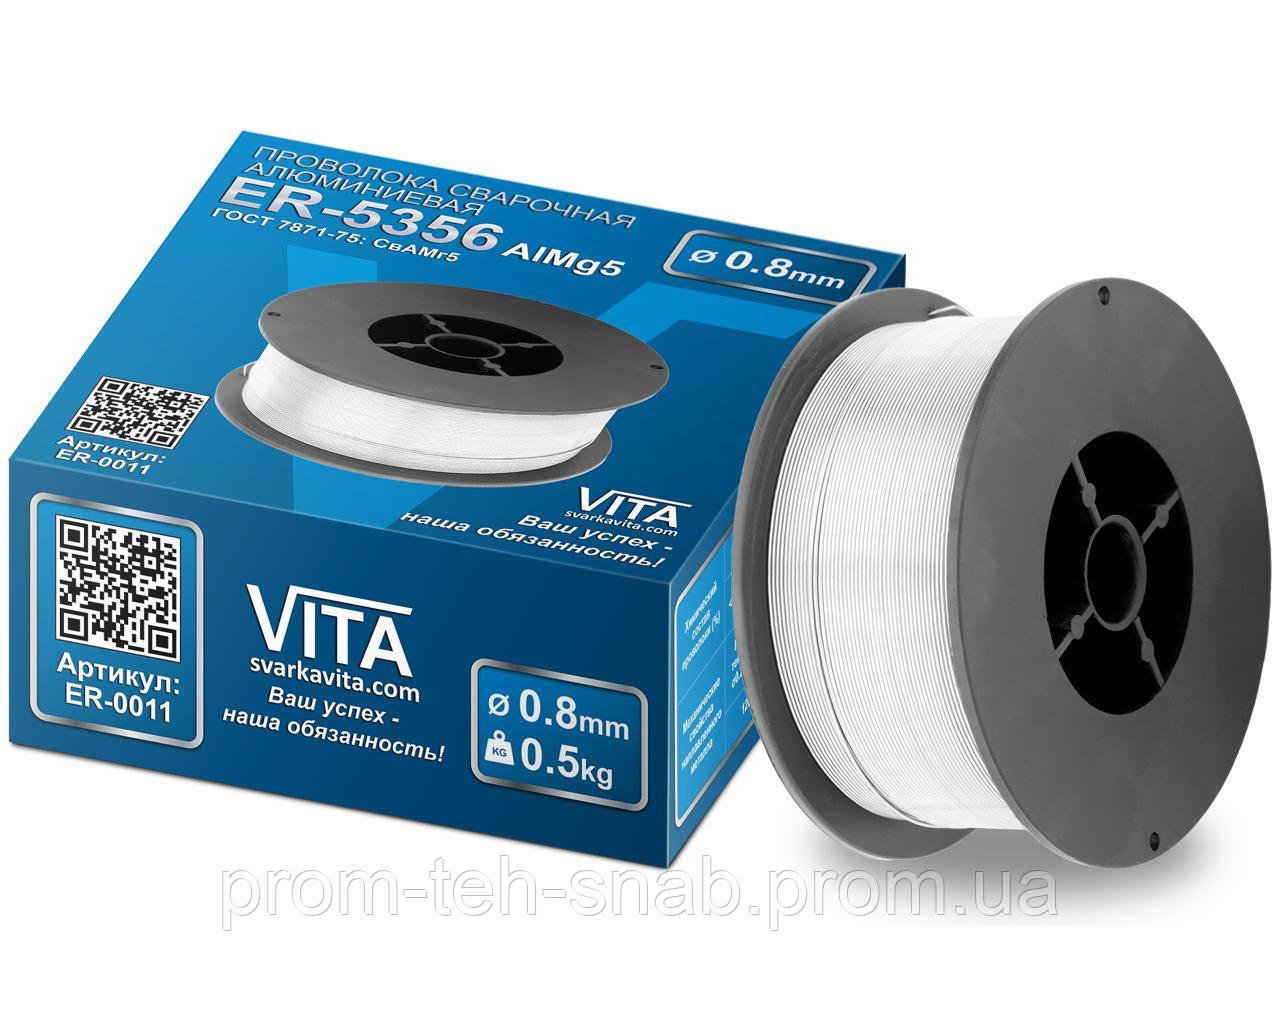 Проволока VITA ER-5356 алюминий 0,5 кг 0,8 мм